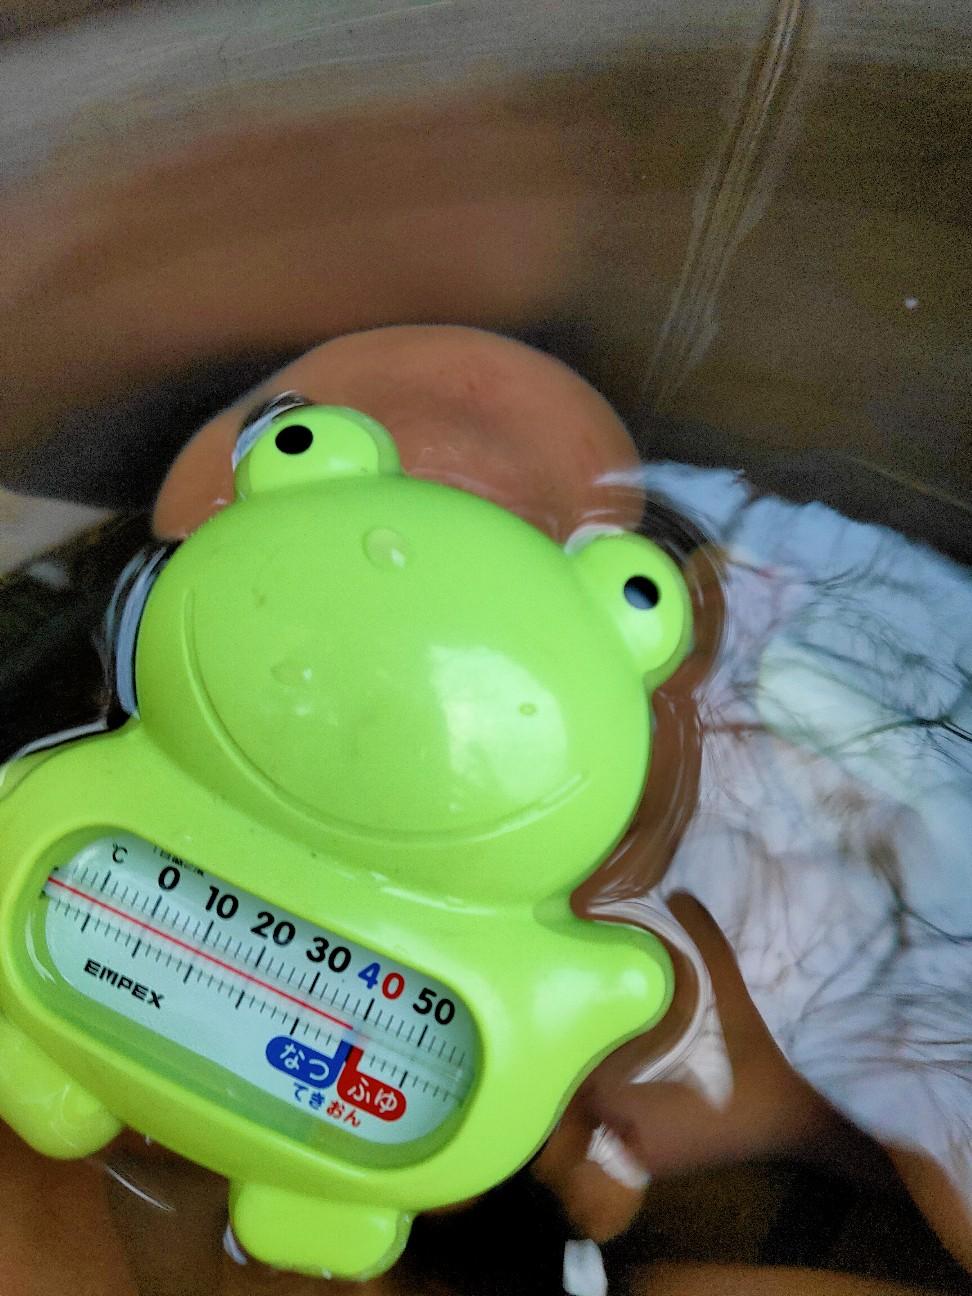 f:id:shingo_shiraishi:20210110231823j:image